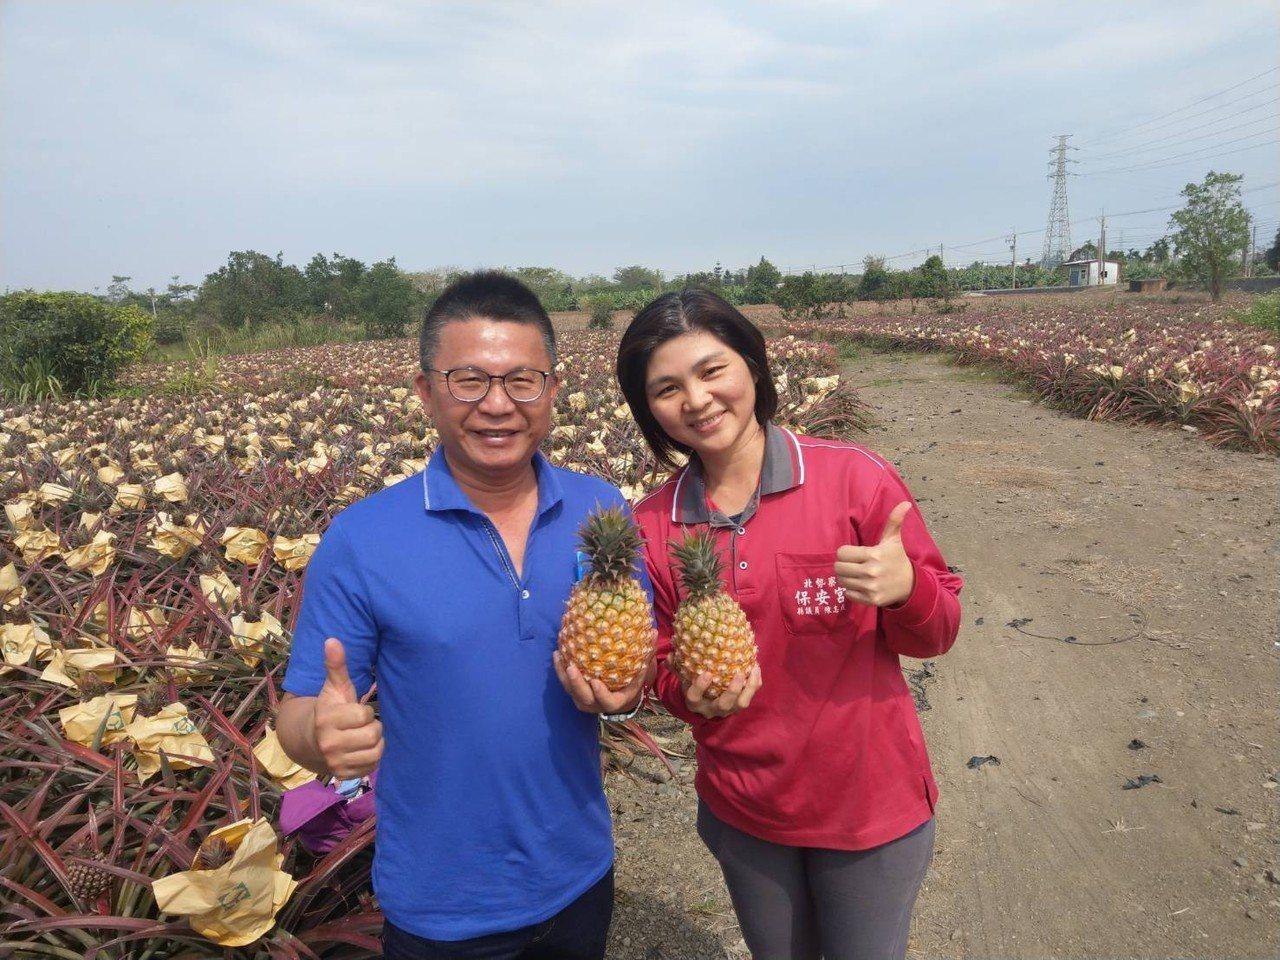 目前正逢鳳梨產季,正是吃鳳梨的時候。圖/農糧署南區分署提供